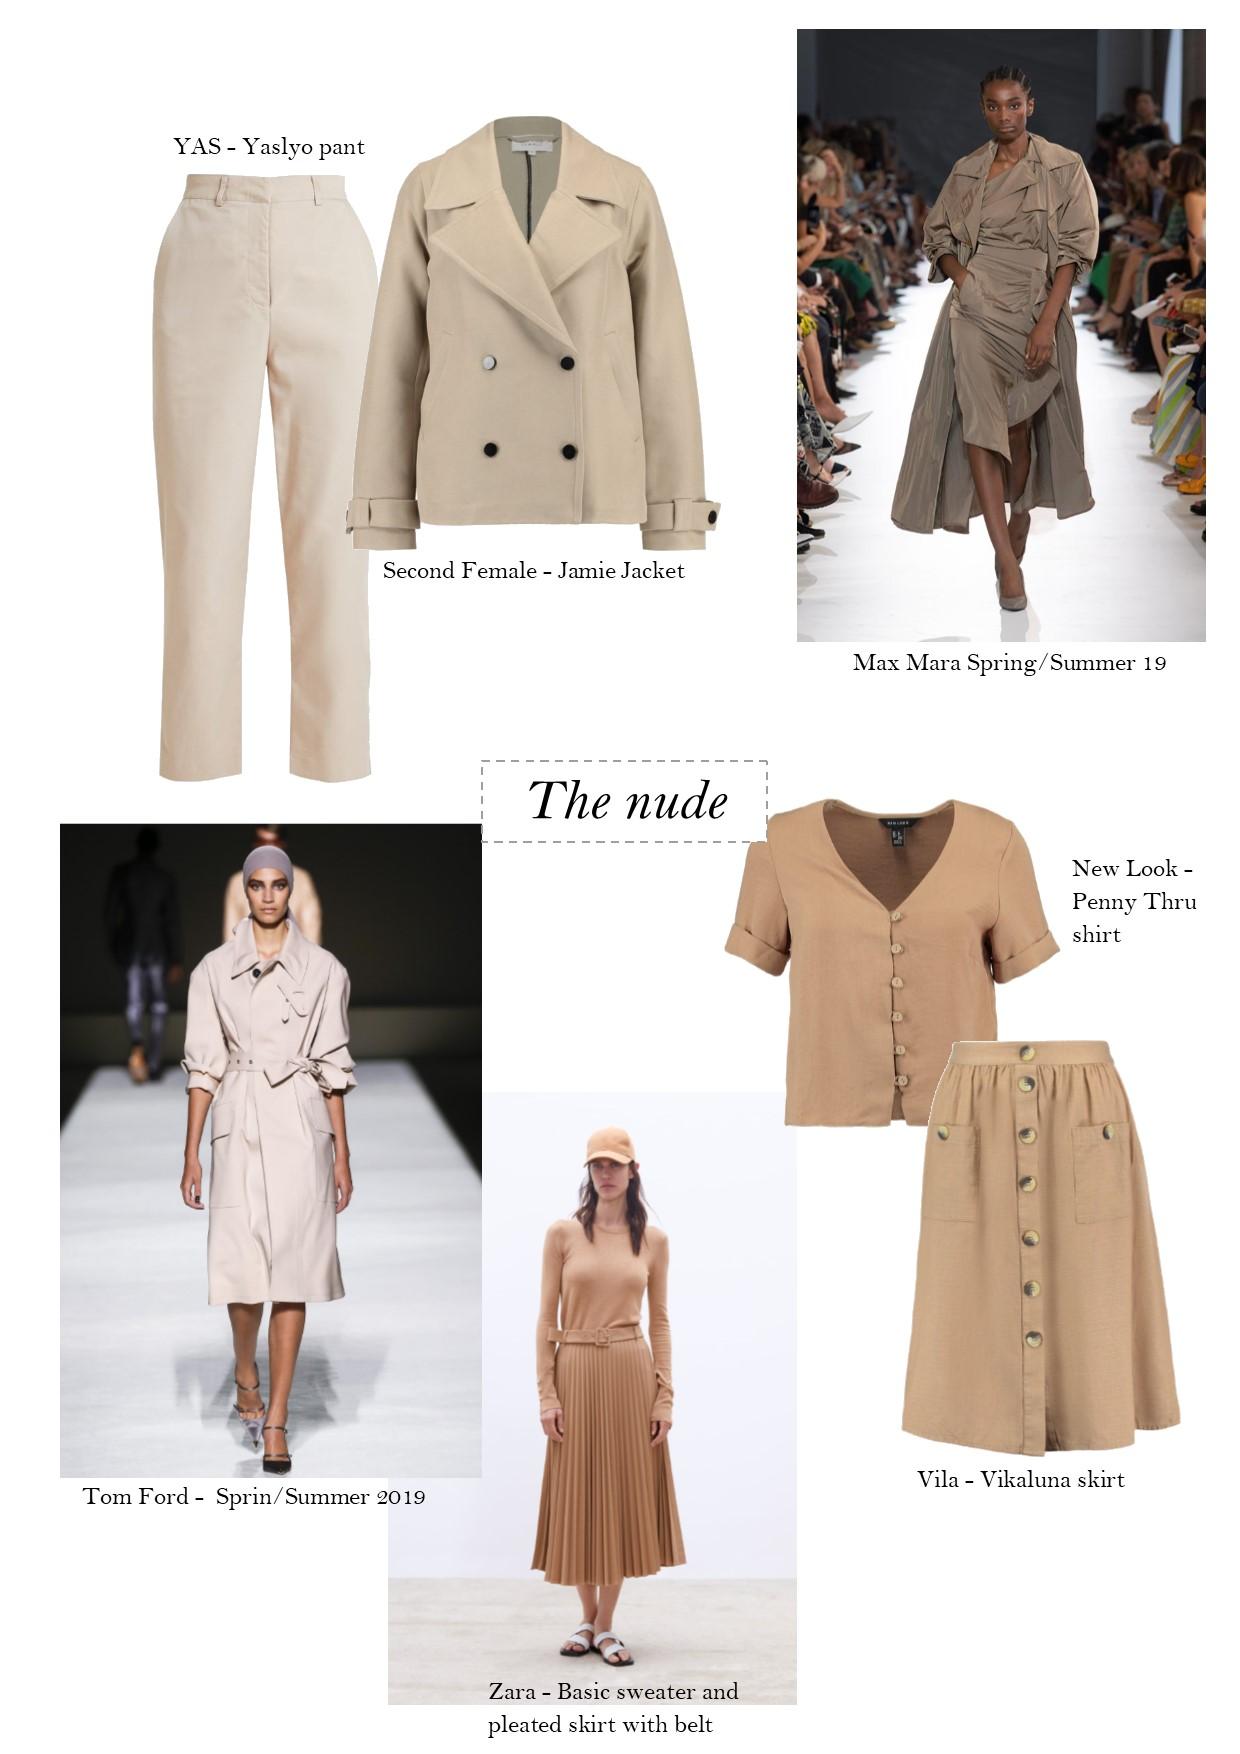 SpringSummer 2019 trends 2.jpg